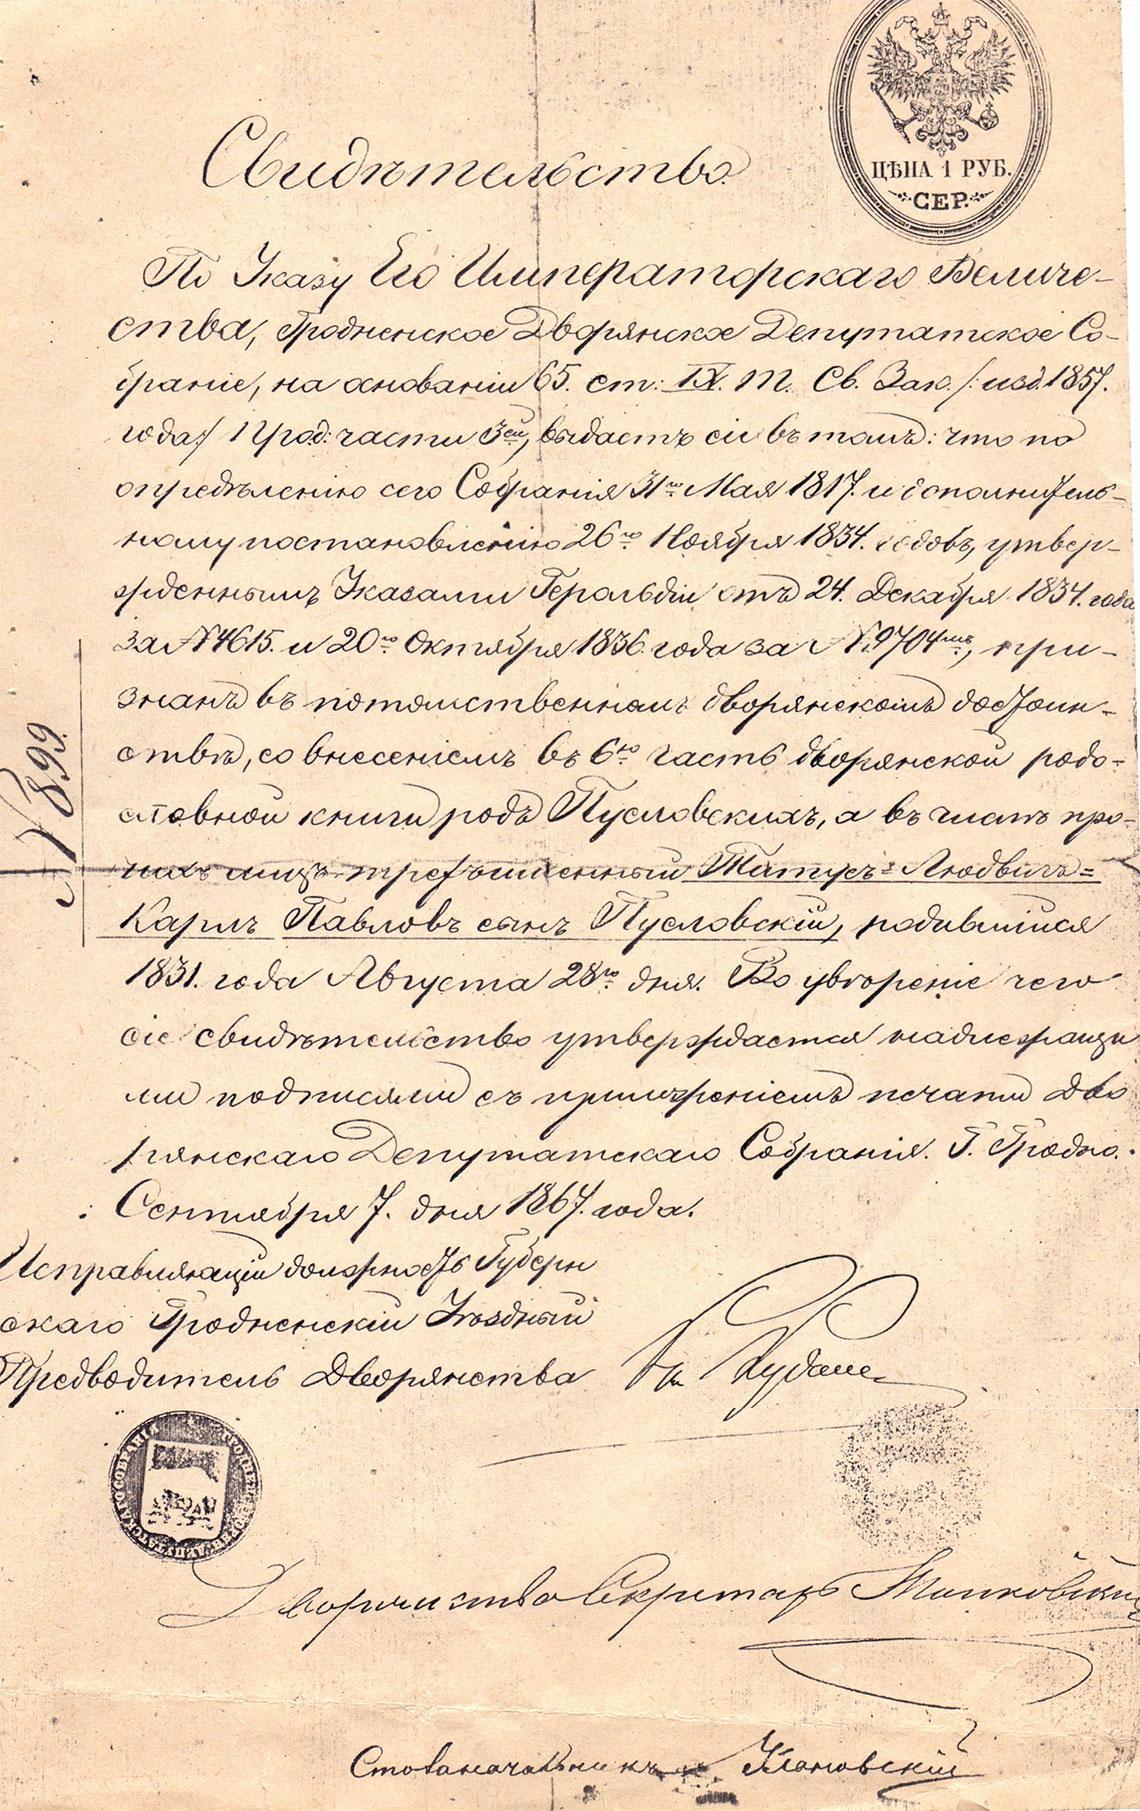 Świadectwo urodzenia Tytus Ludwik Karol Paweł Pusłowski 28.08.1831 r.